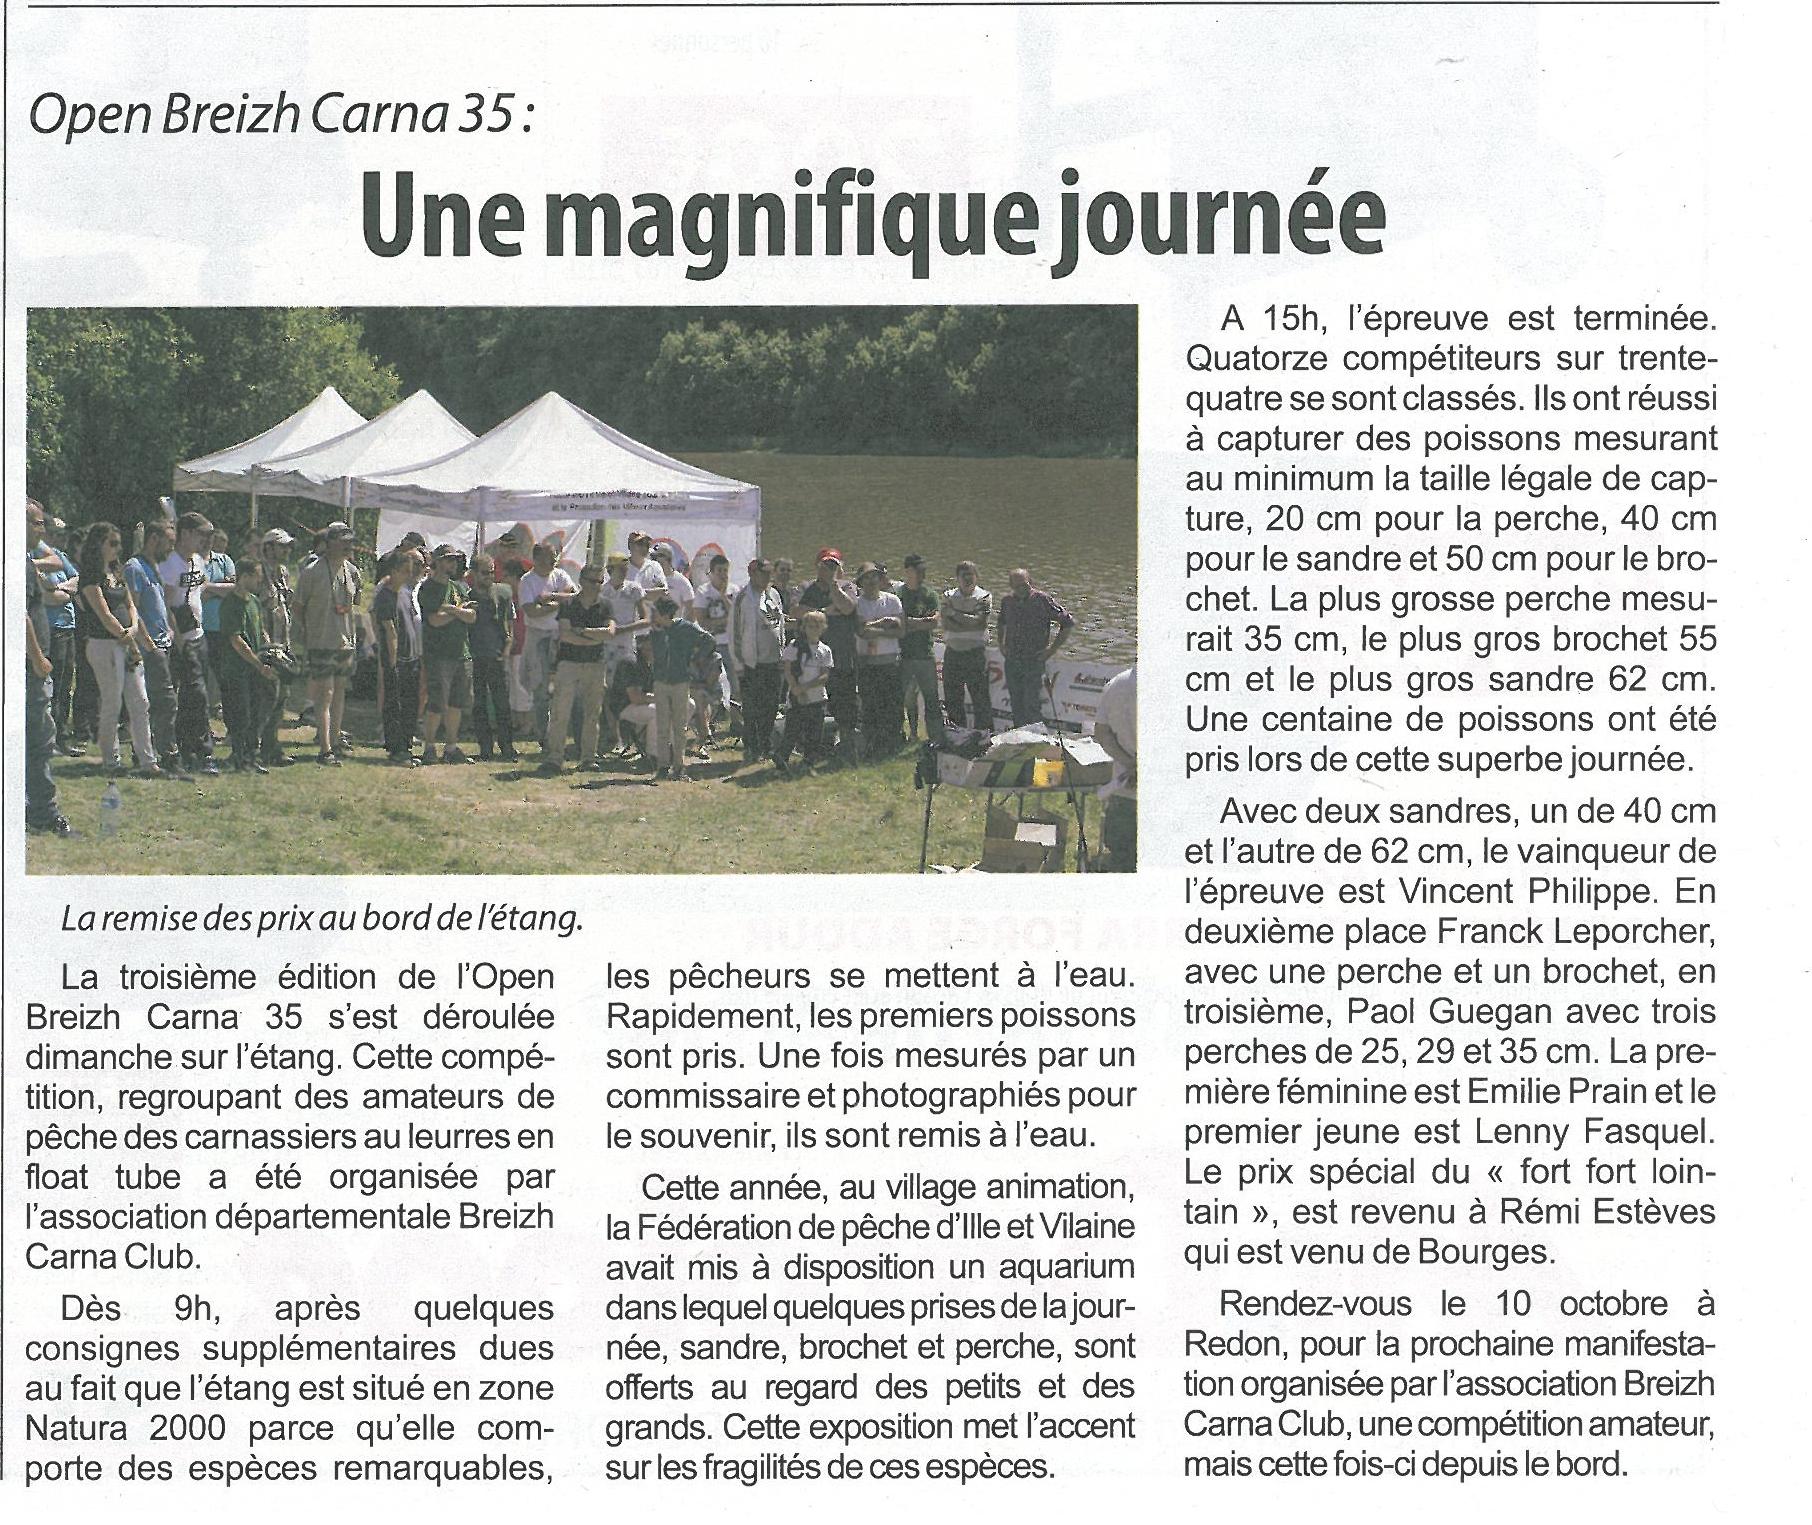 3eme_édition_de_l'Open_Breizh_Carna_35